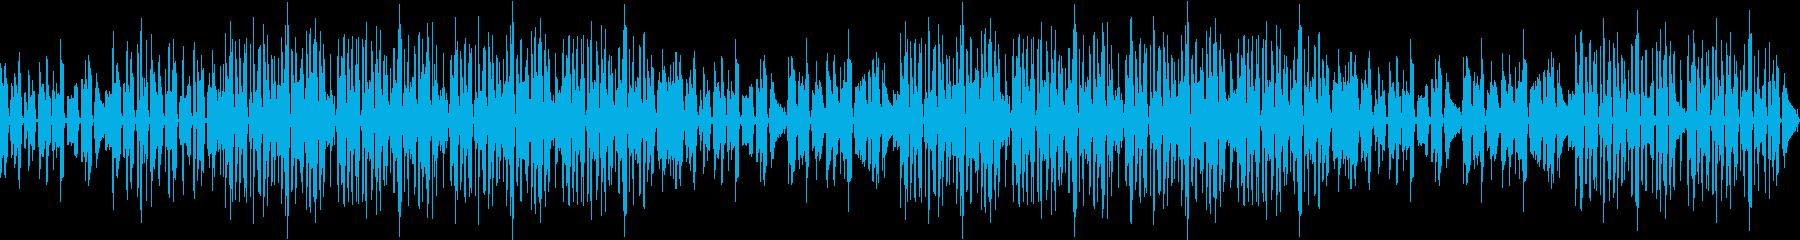 ギター・ブルース・煙・哀愁・渋い・ループの再生済みの波形